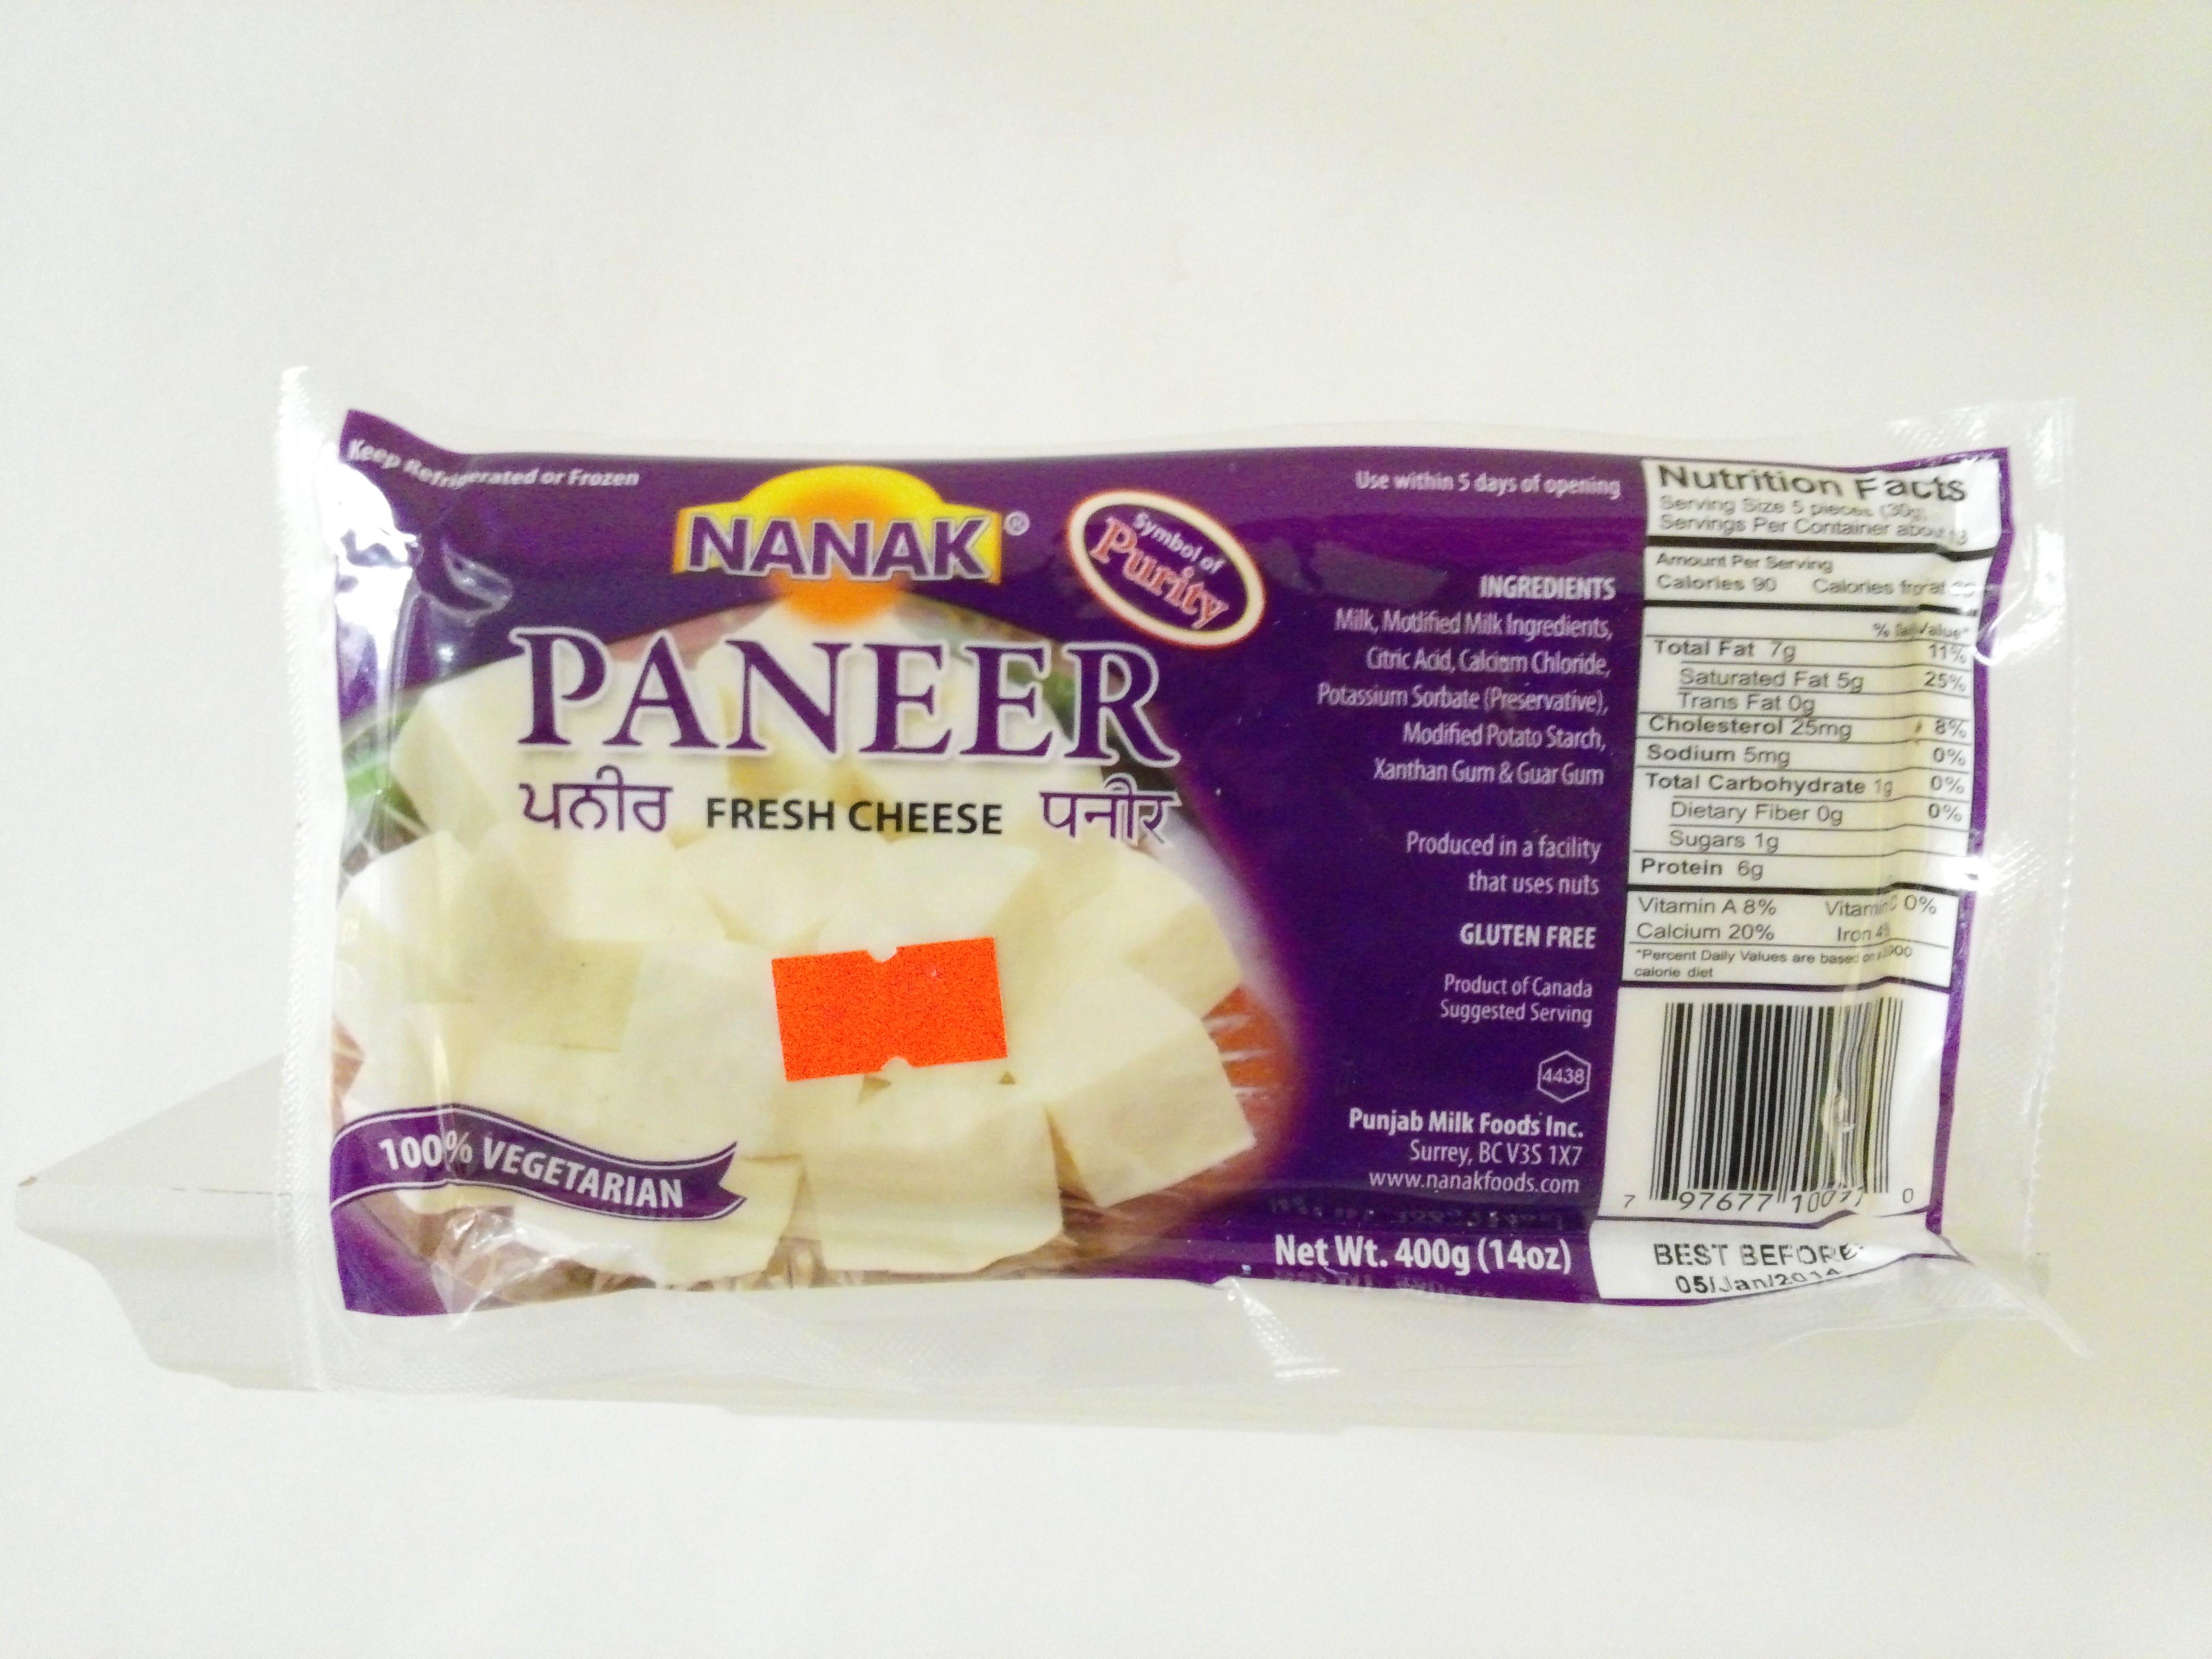 Nanak Paneer 14 oz